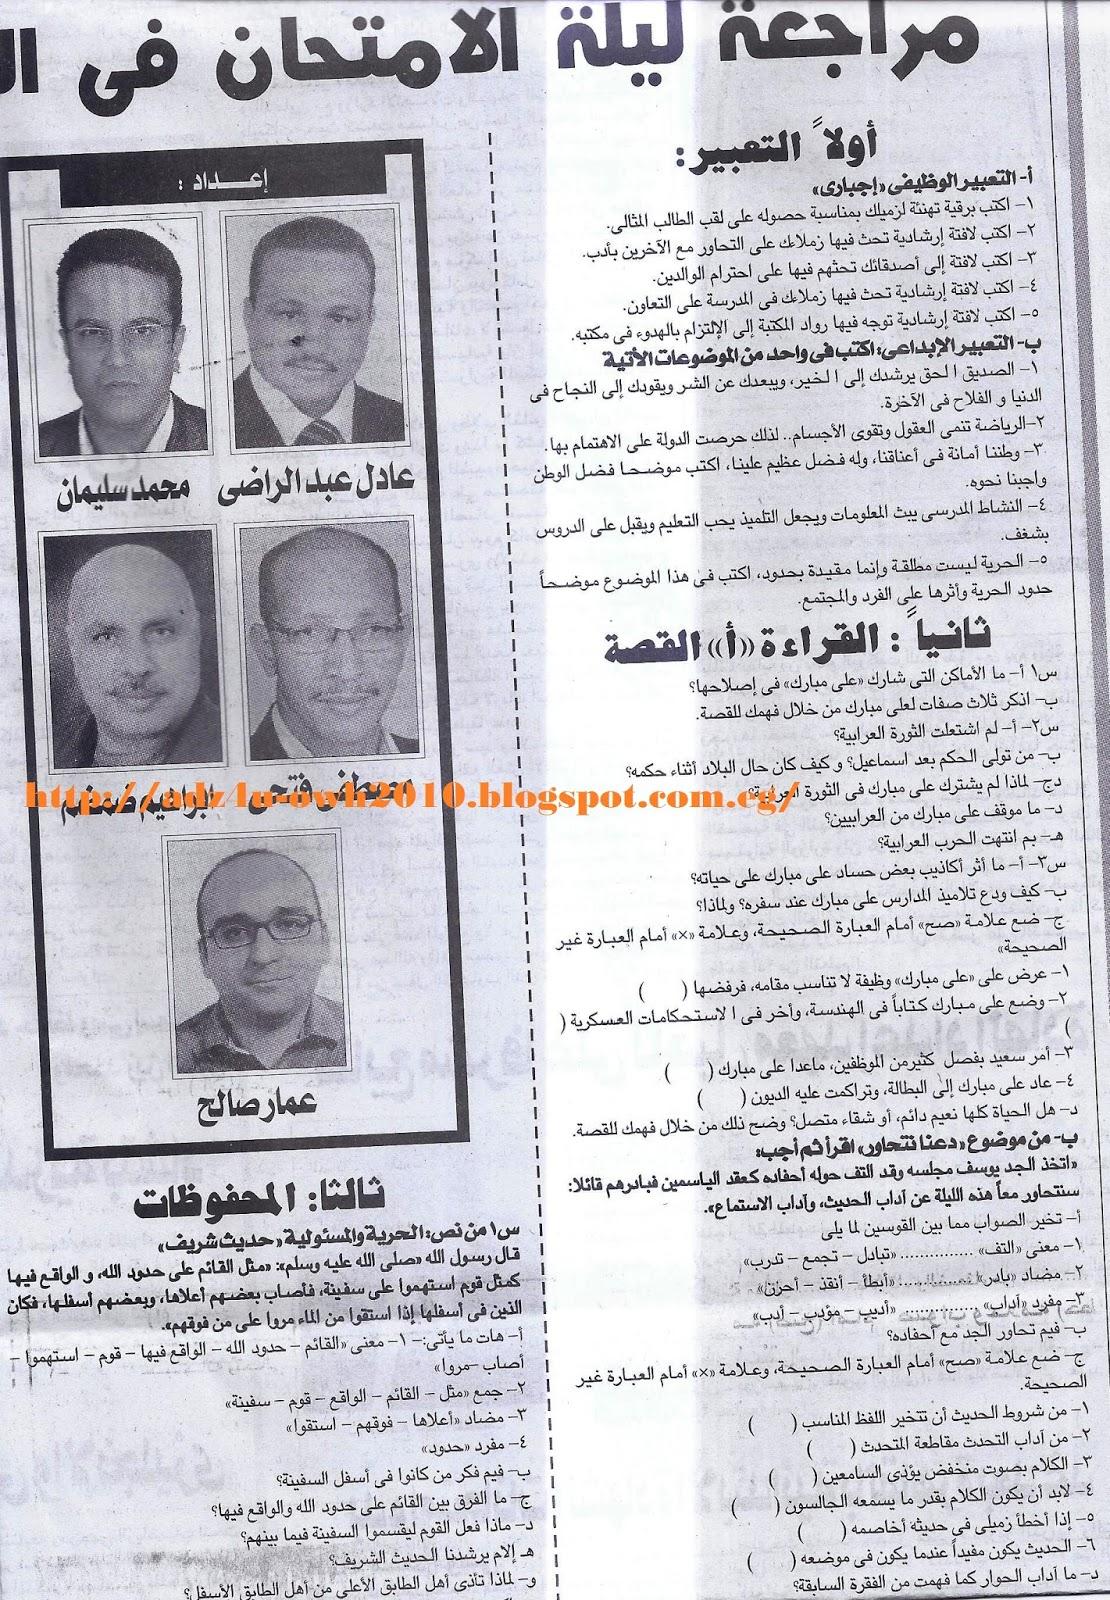 مراجعة لغة عربية مهمة للصف السادس الابتدائي ترم ثاني.. ملحق الجمهورية 2017 Scan